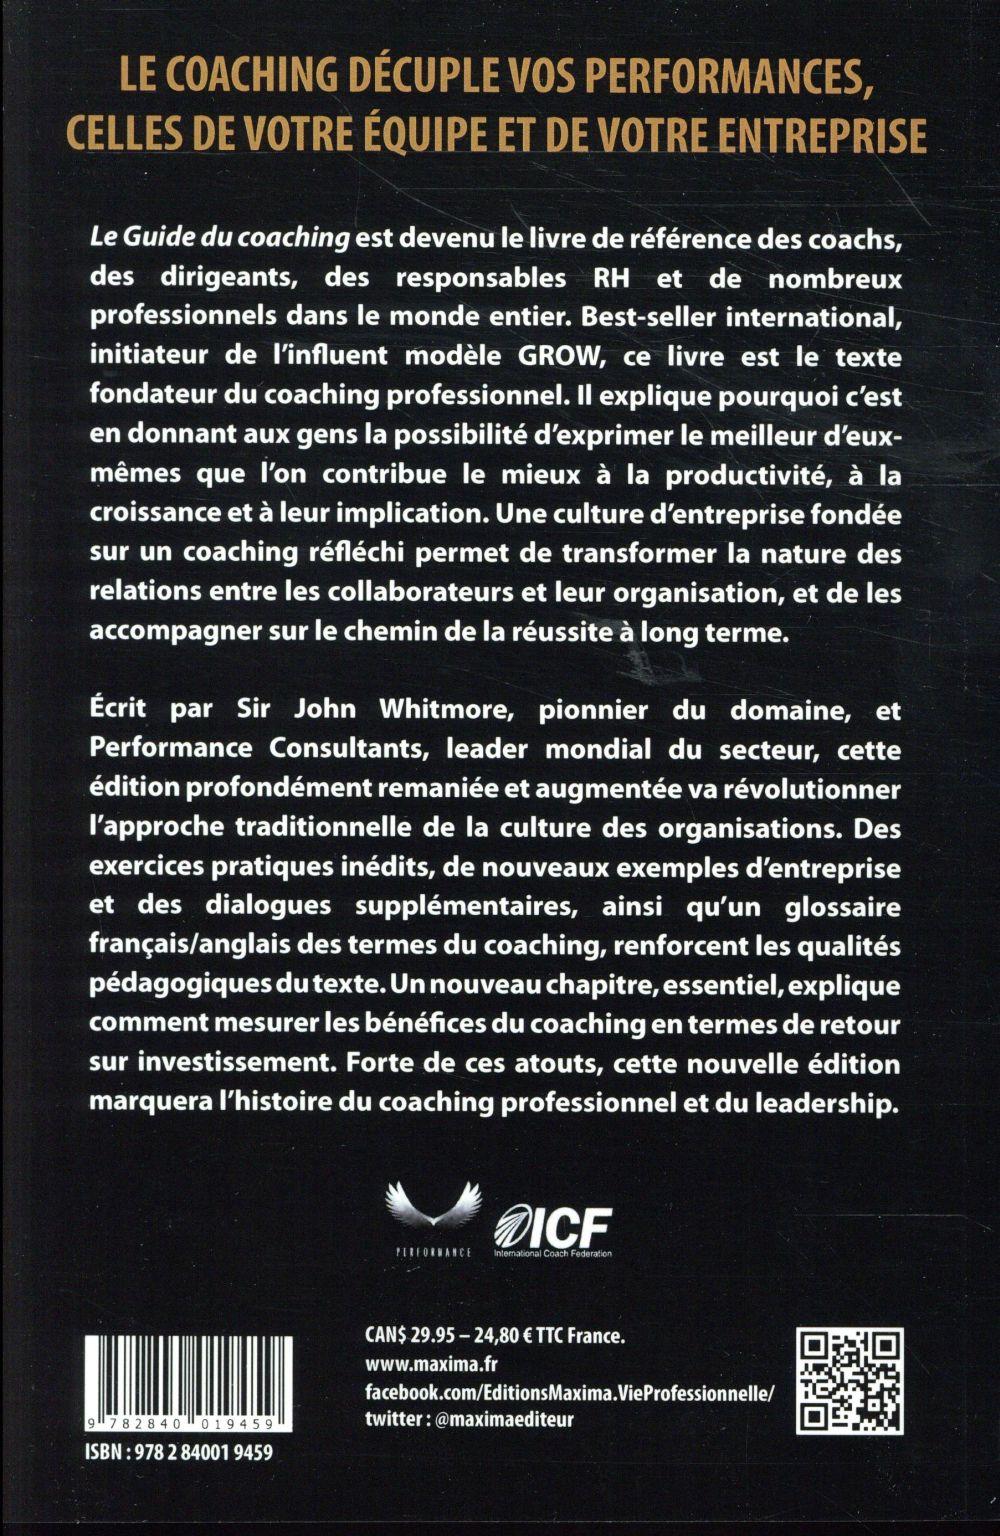 Le guide du coaching (5e édition)